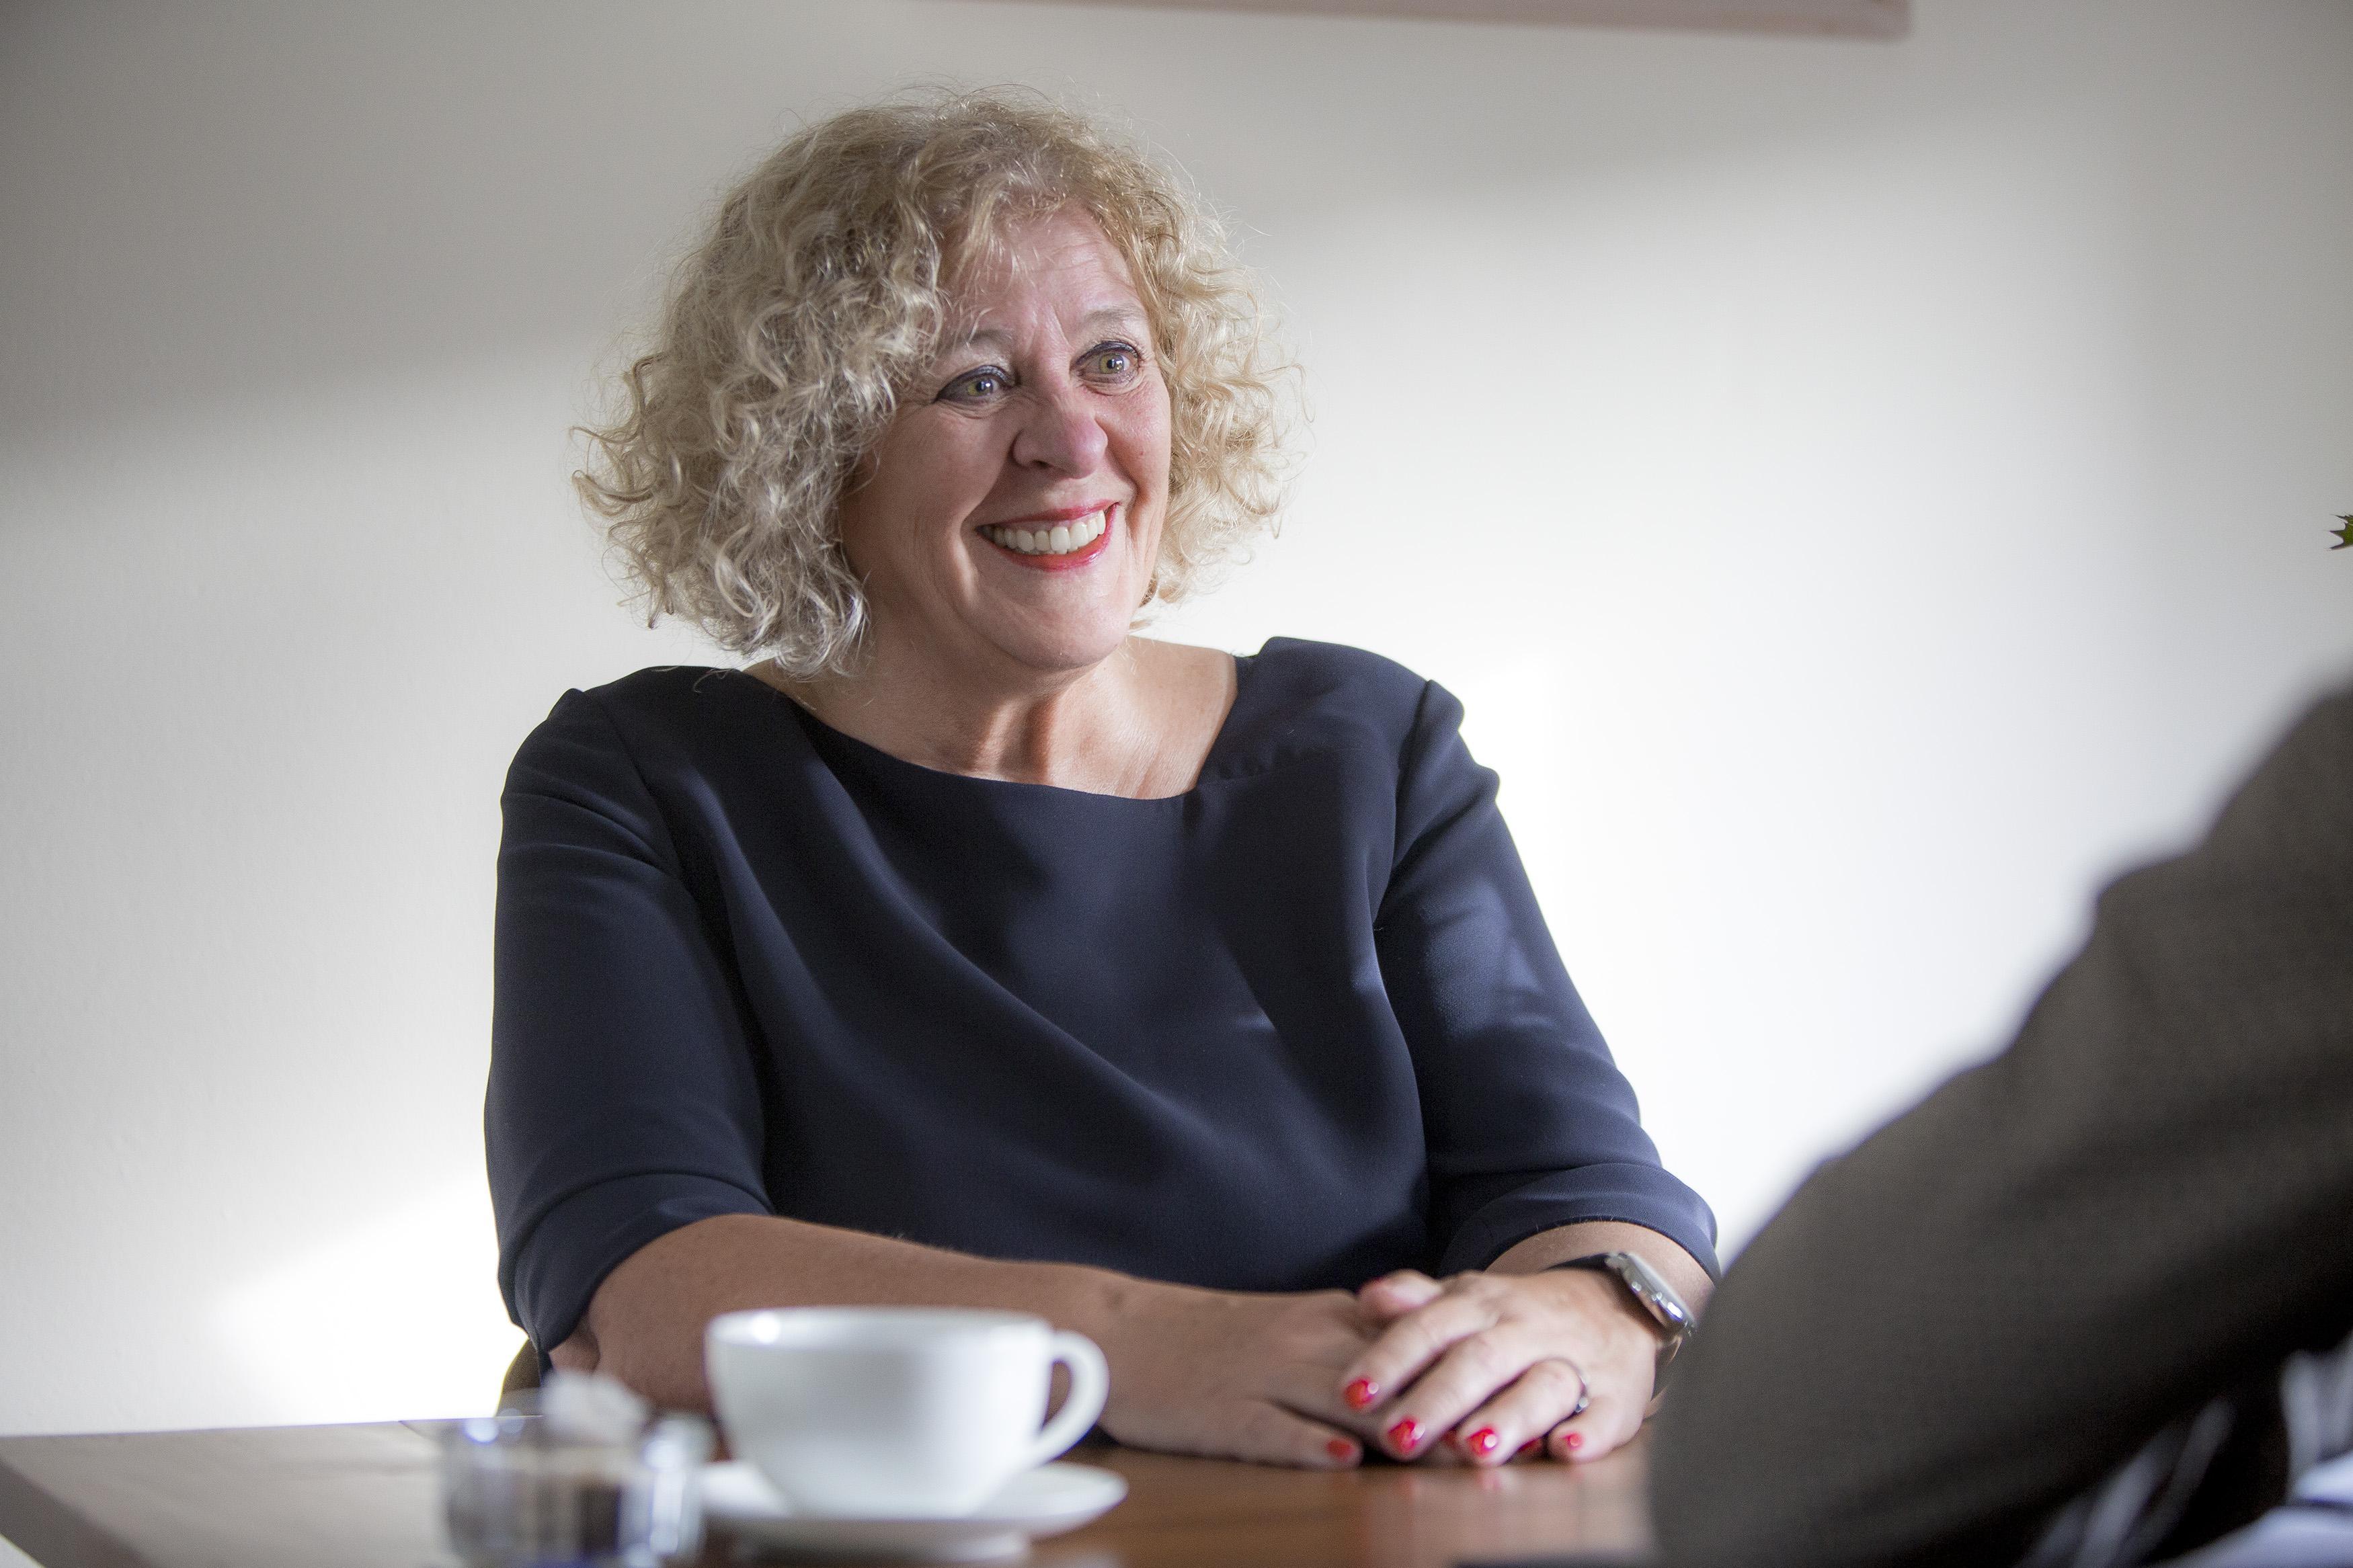 Haarlemse Tanja Wassenberg schrijft boek over de walvisjacht van haar vader